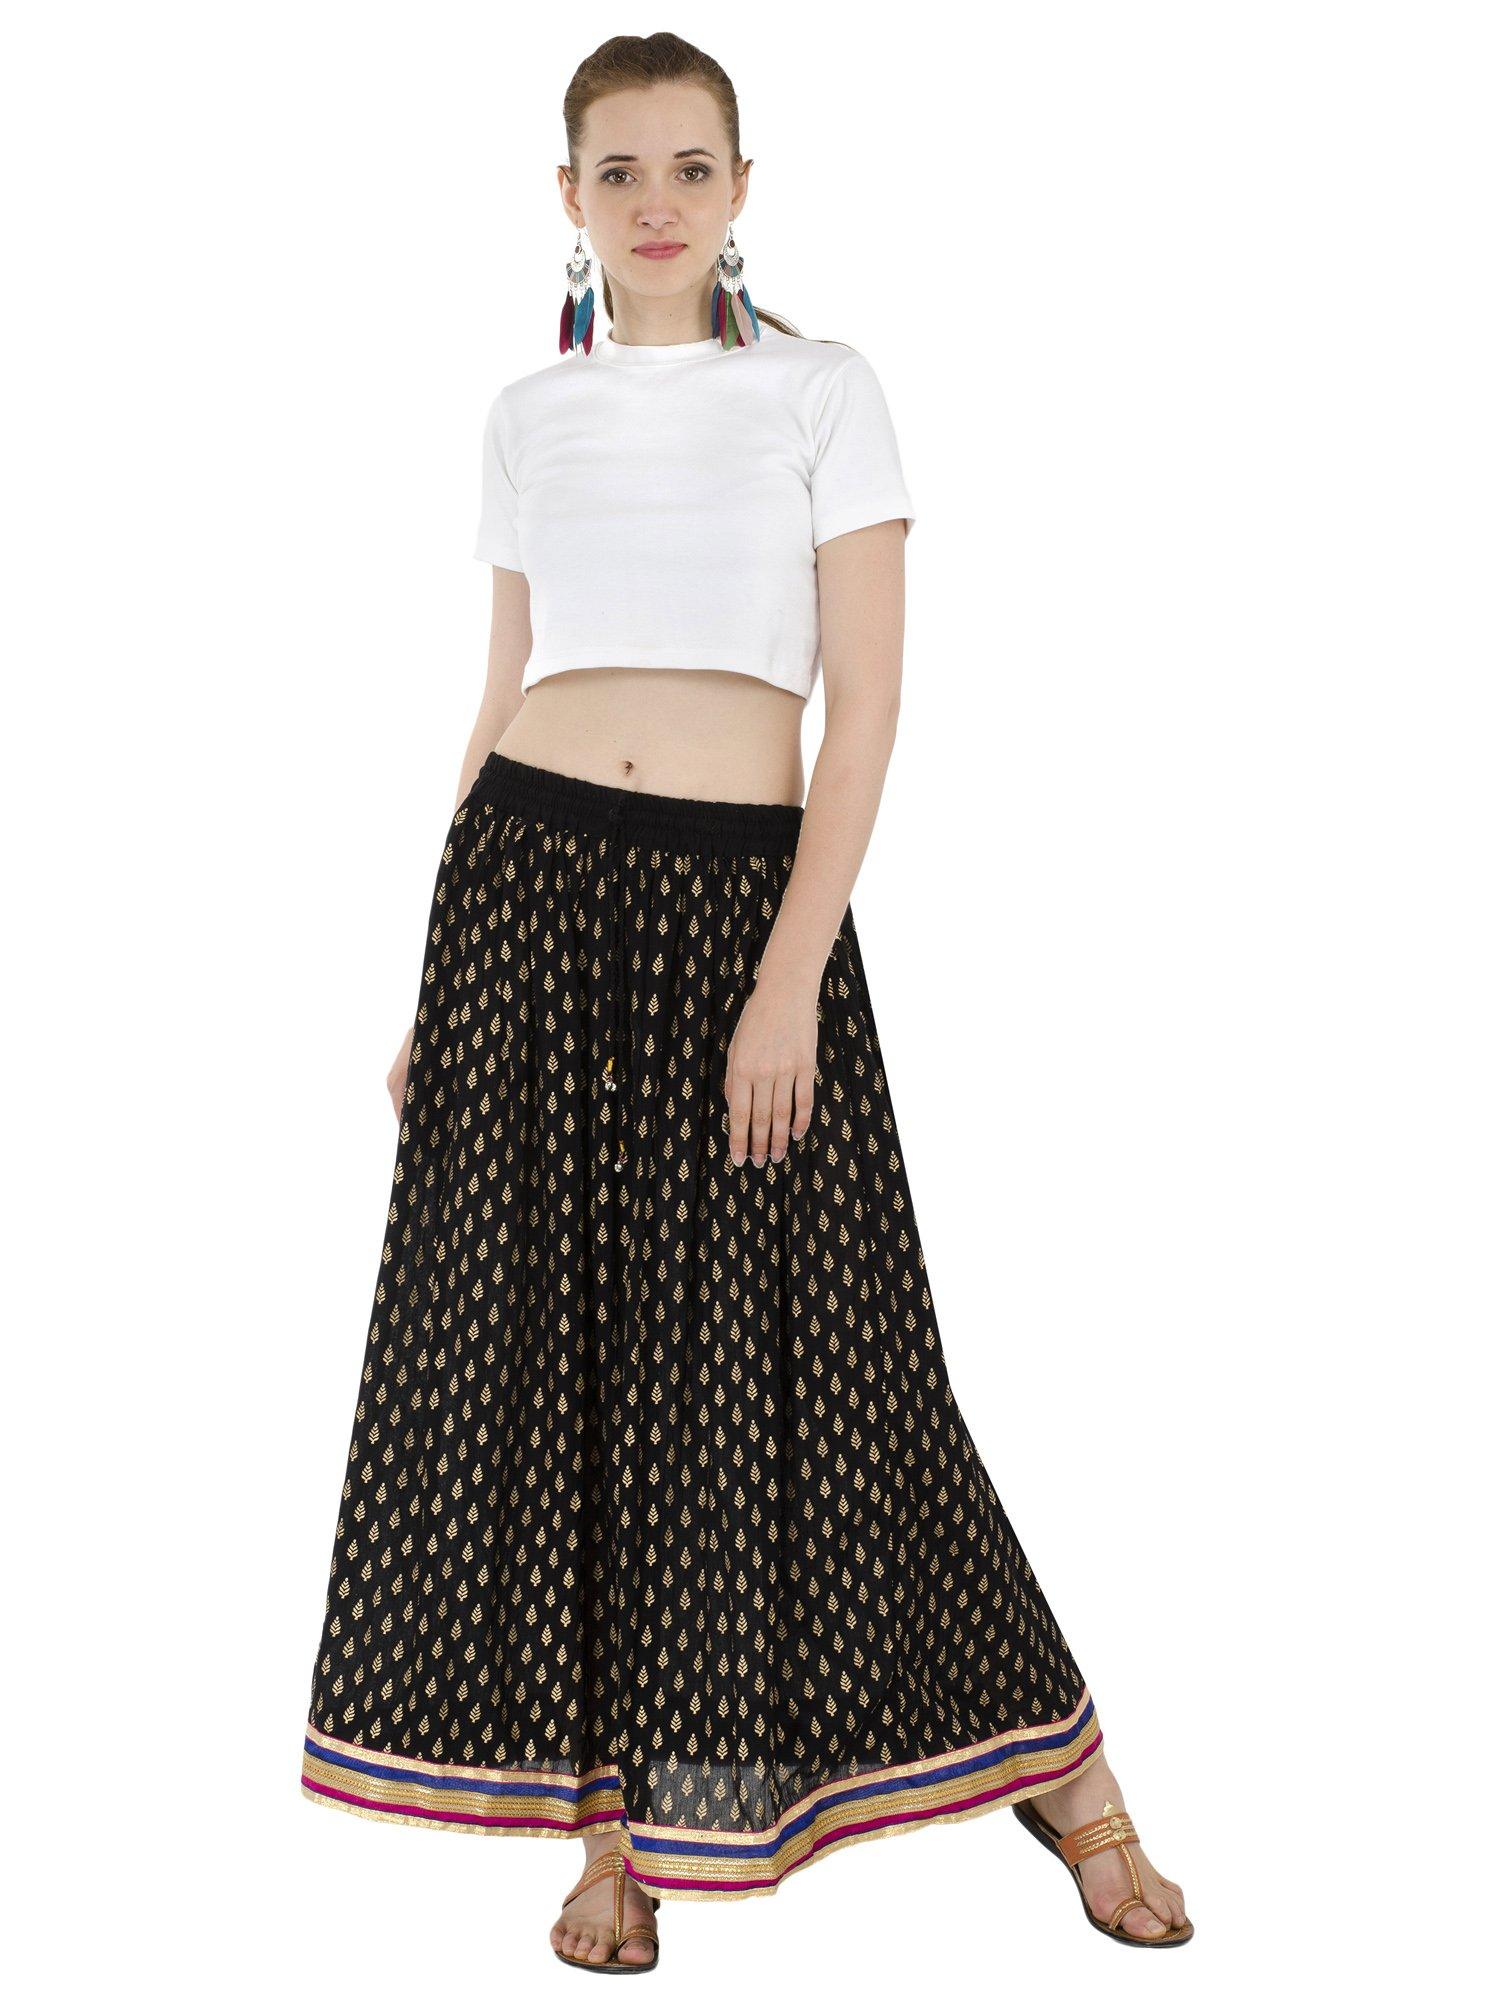 Women's Full Length Elastic Waisted Maxi Skirt Floral Print Long Skirts